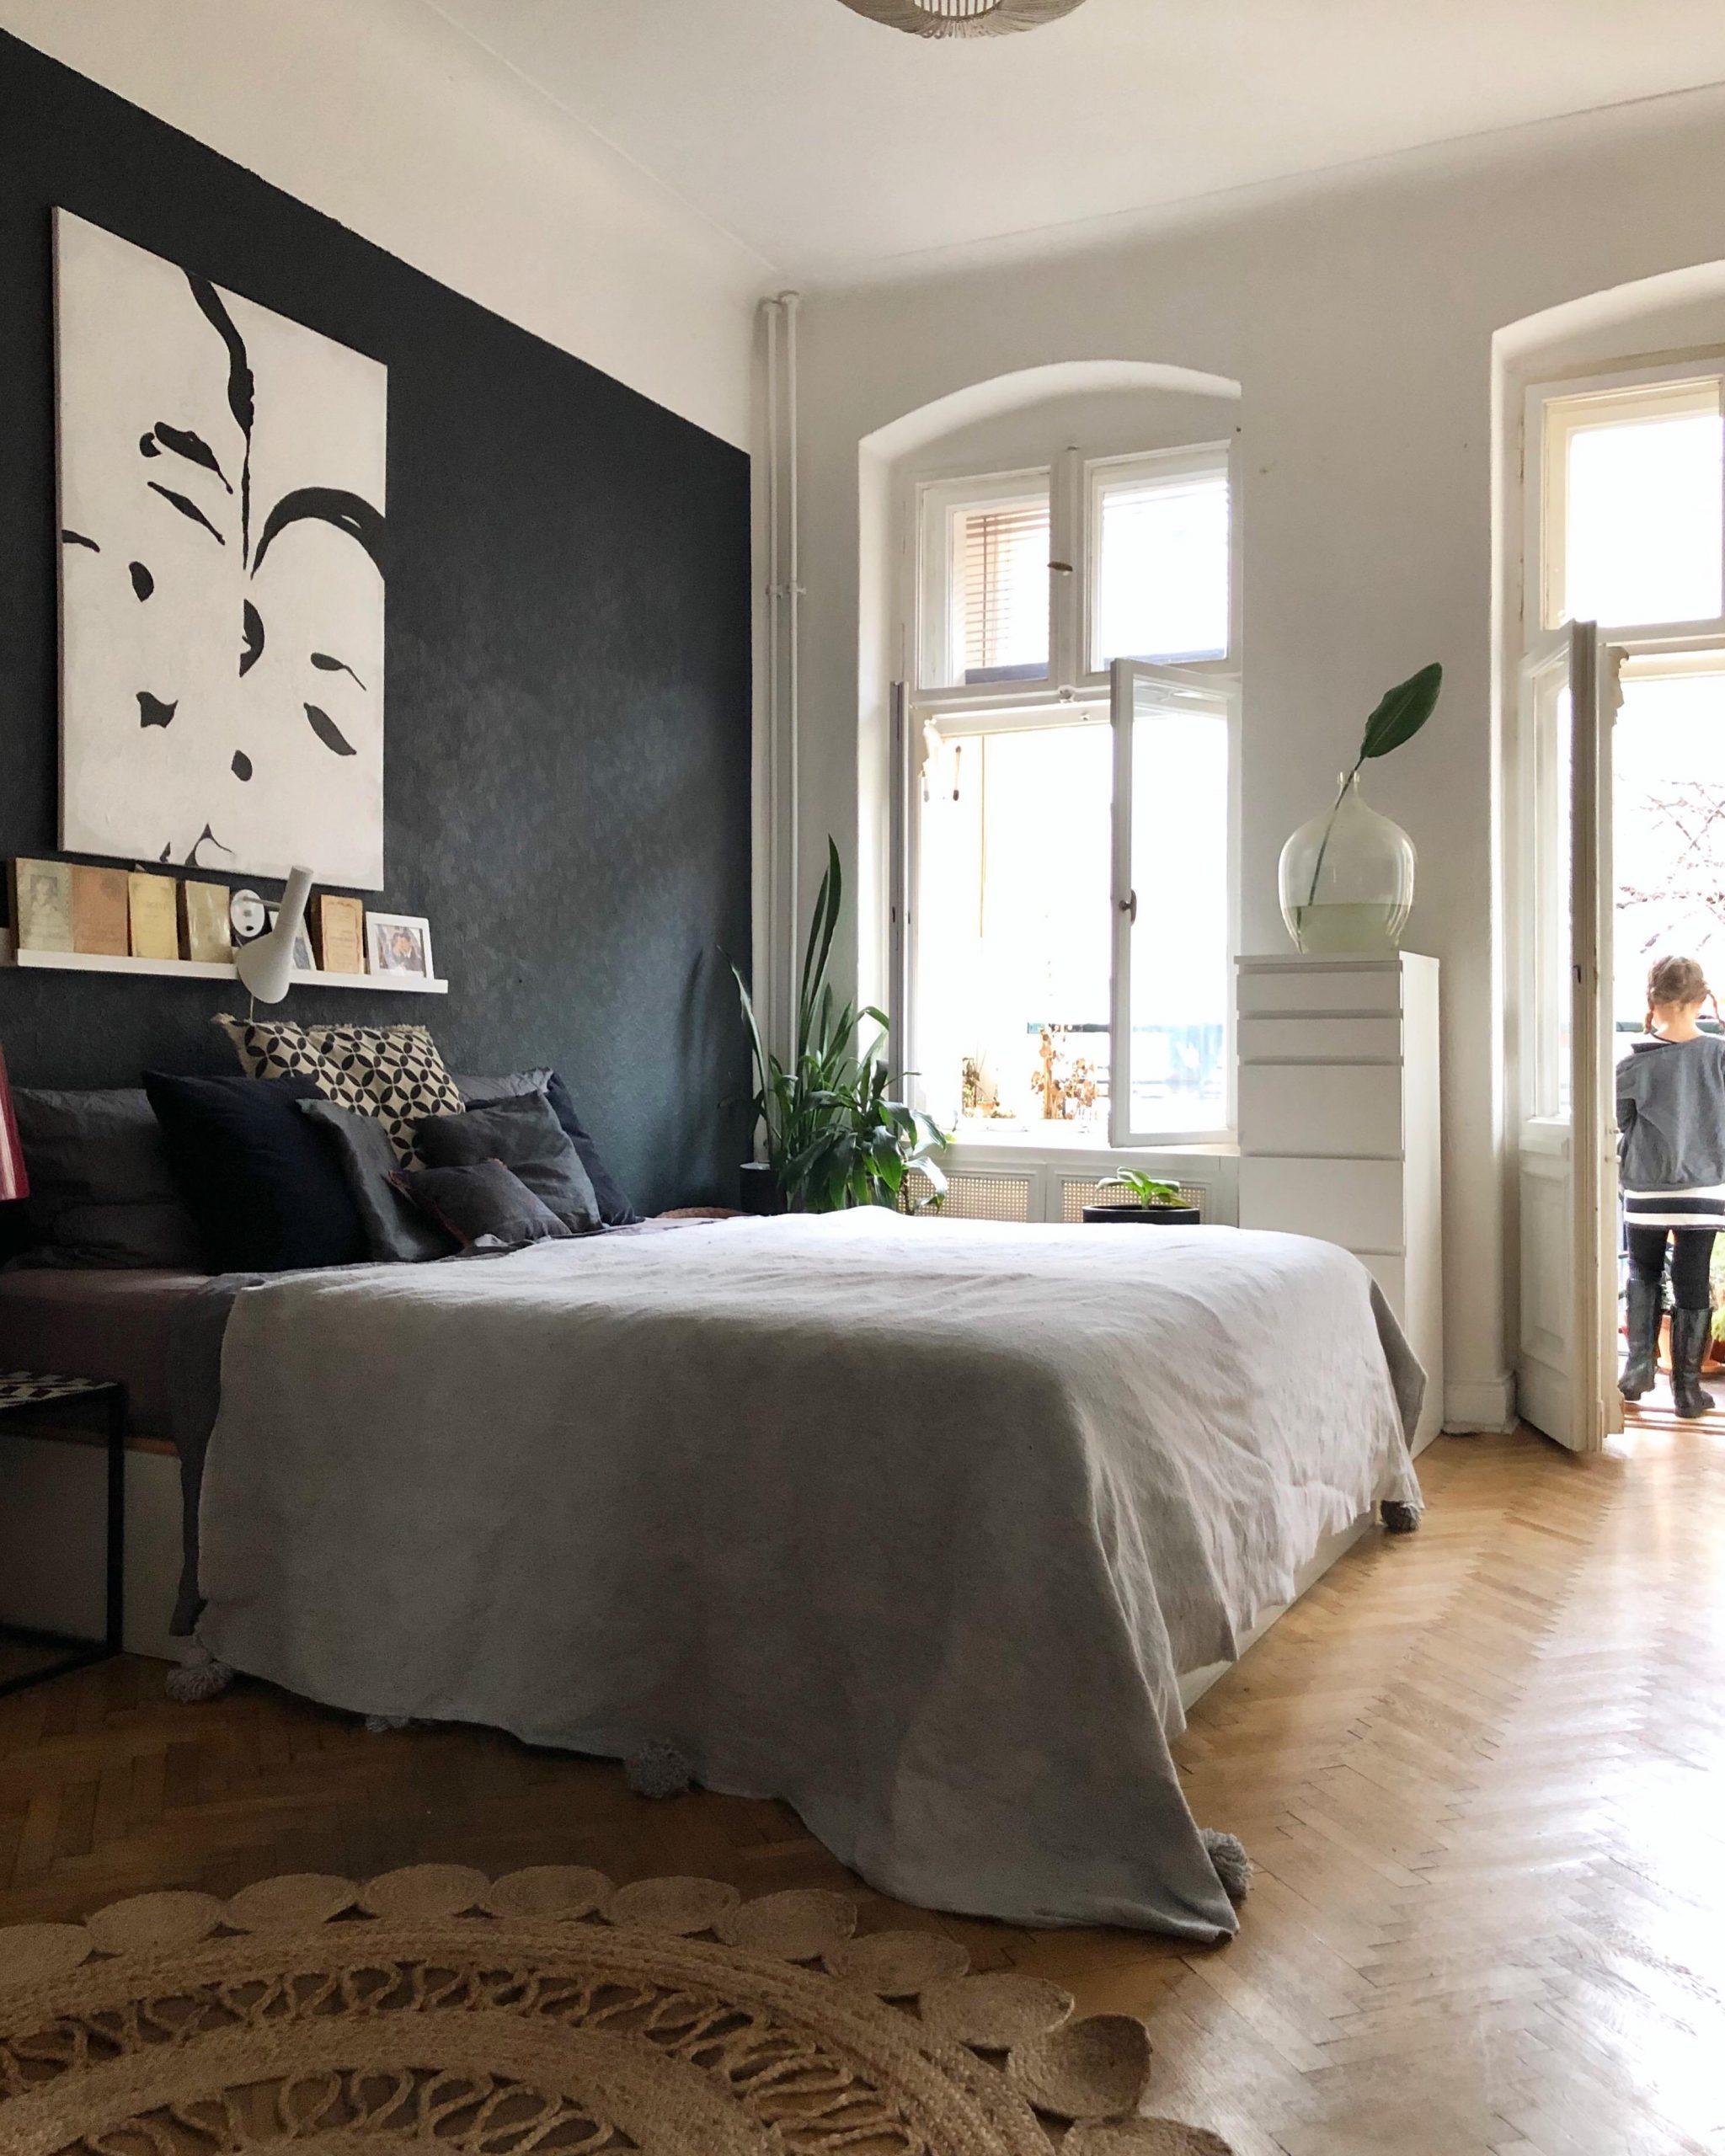 Full Size of Schlafzimmer Wanddeko Bilder Wanddekoration Ikea Selber Machen Ideen Holz Amazon Fototapete Wandtattoo Wandtattoos Betten Komplett Günstig Schrank Set Weiß Wohnzimmer Schlafzimmer Wanddeko